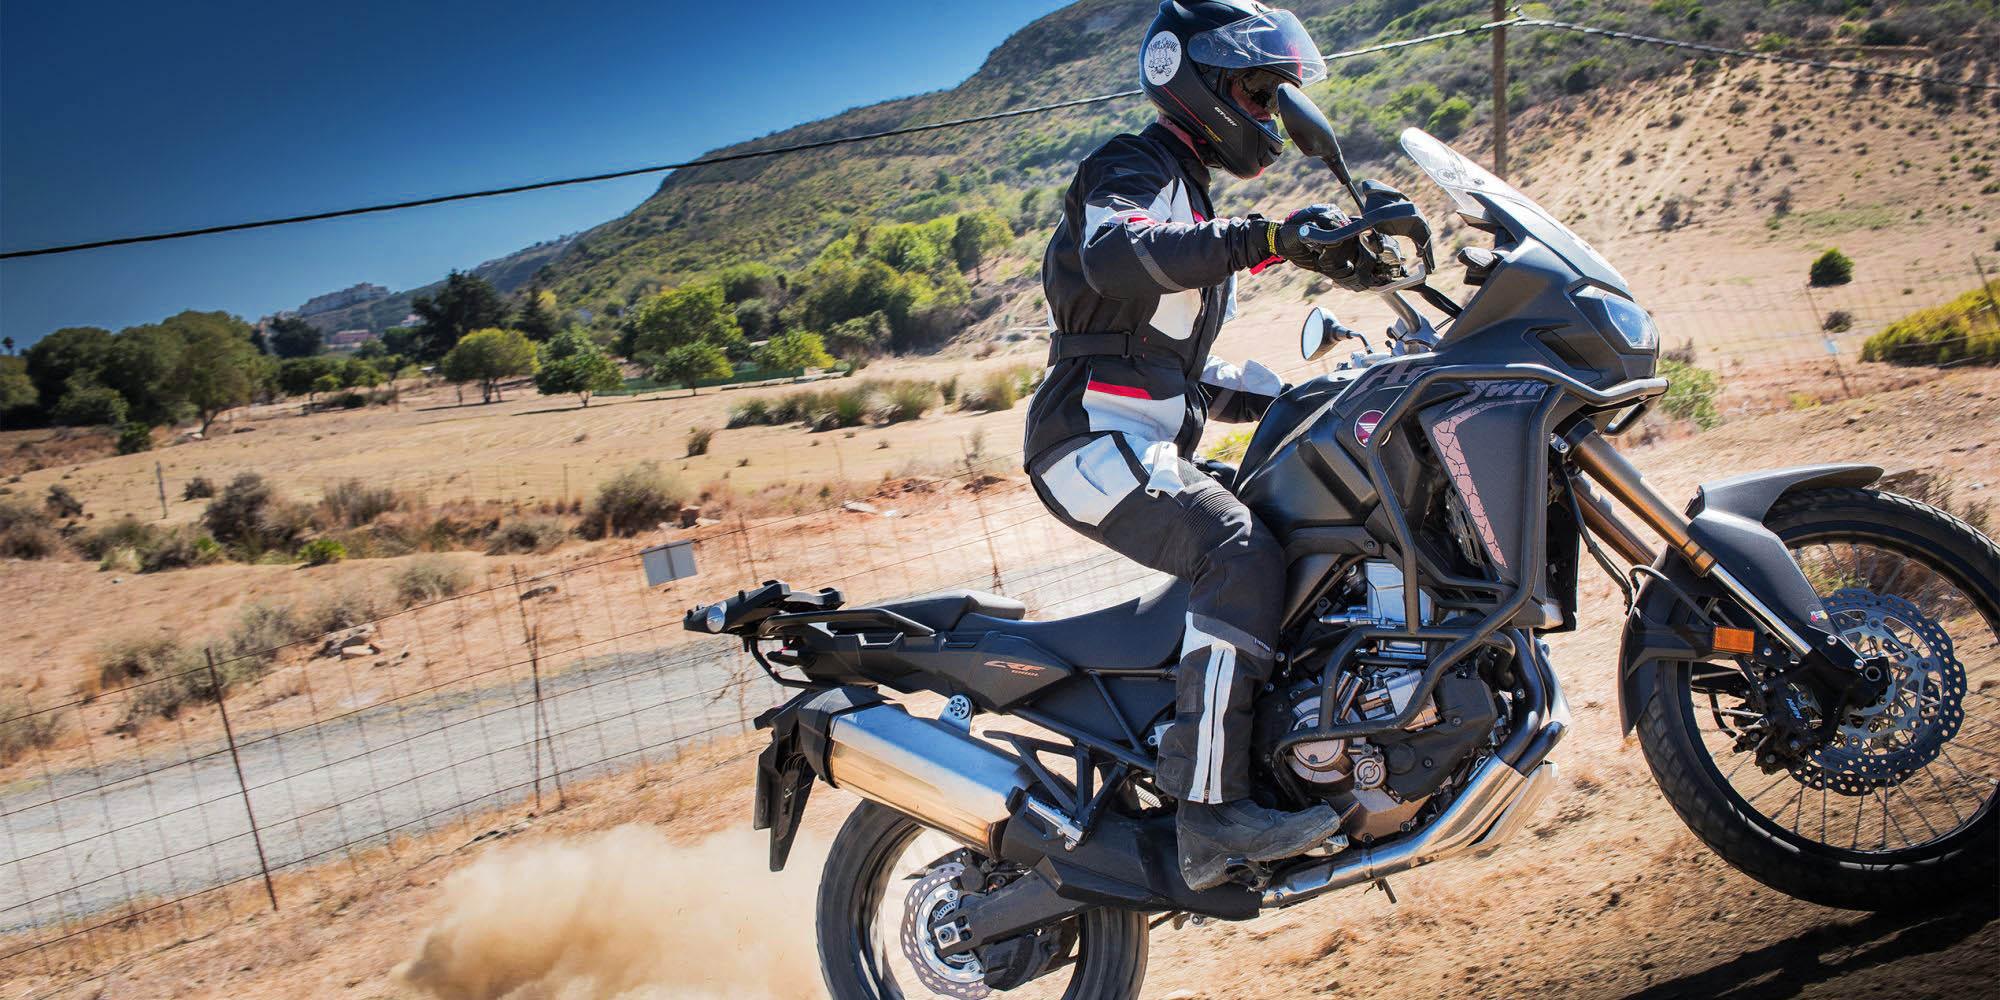 Туристическая куртка SHIMA HERO из текстиля для мотоциклистов вид на дороге купить по низкой цене